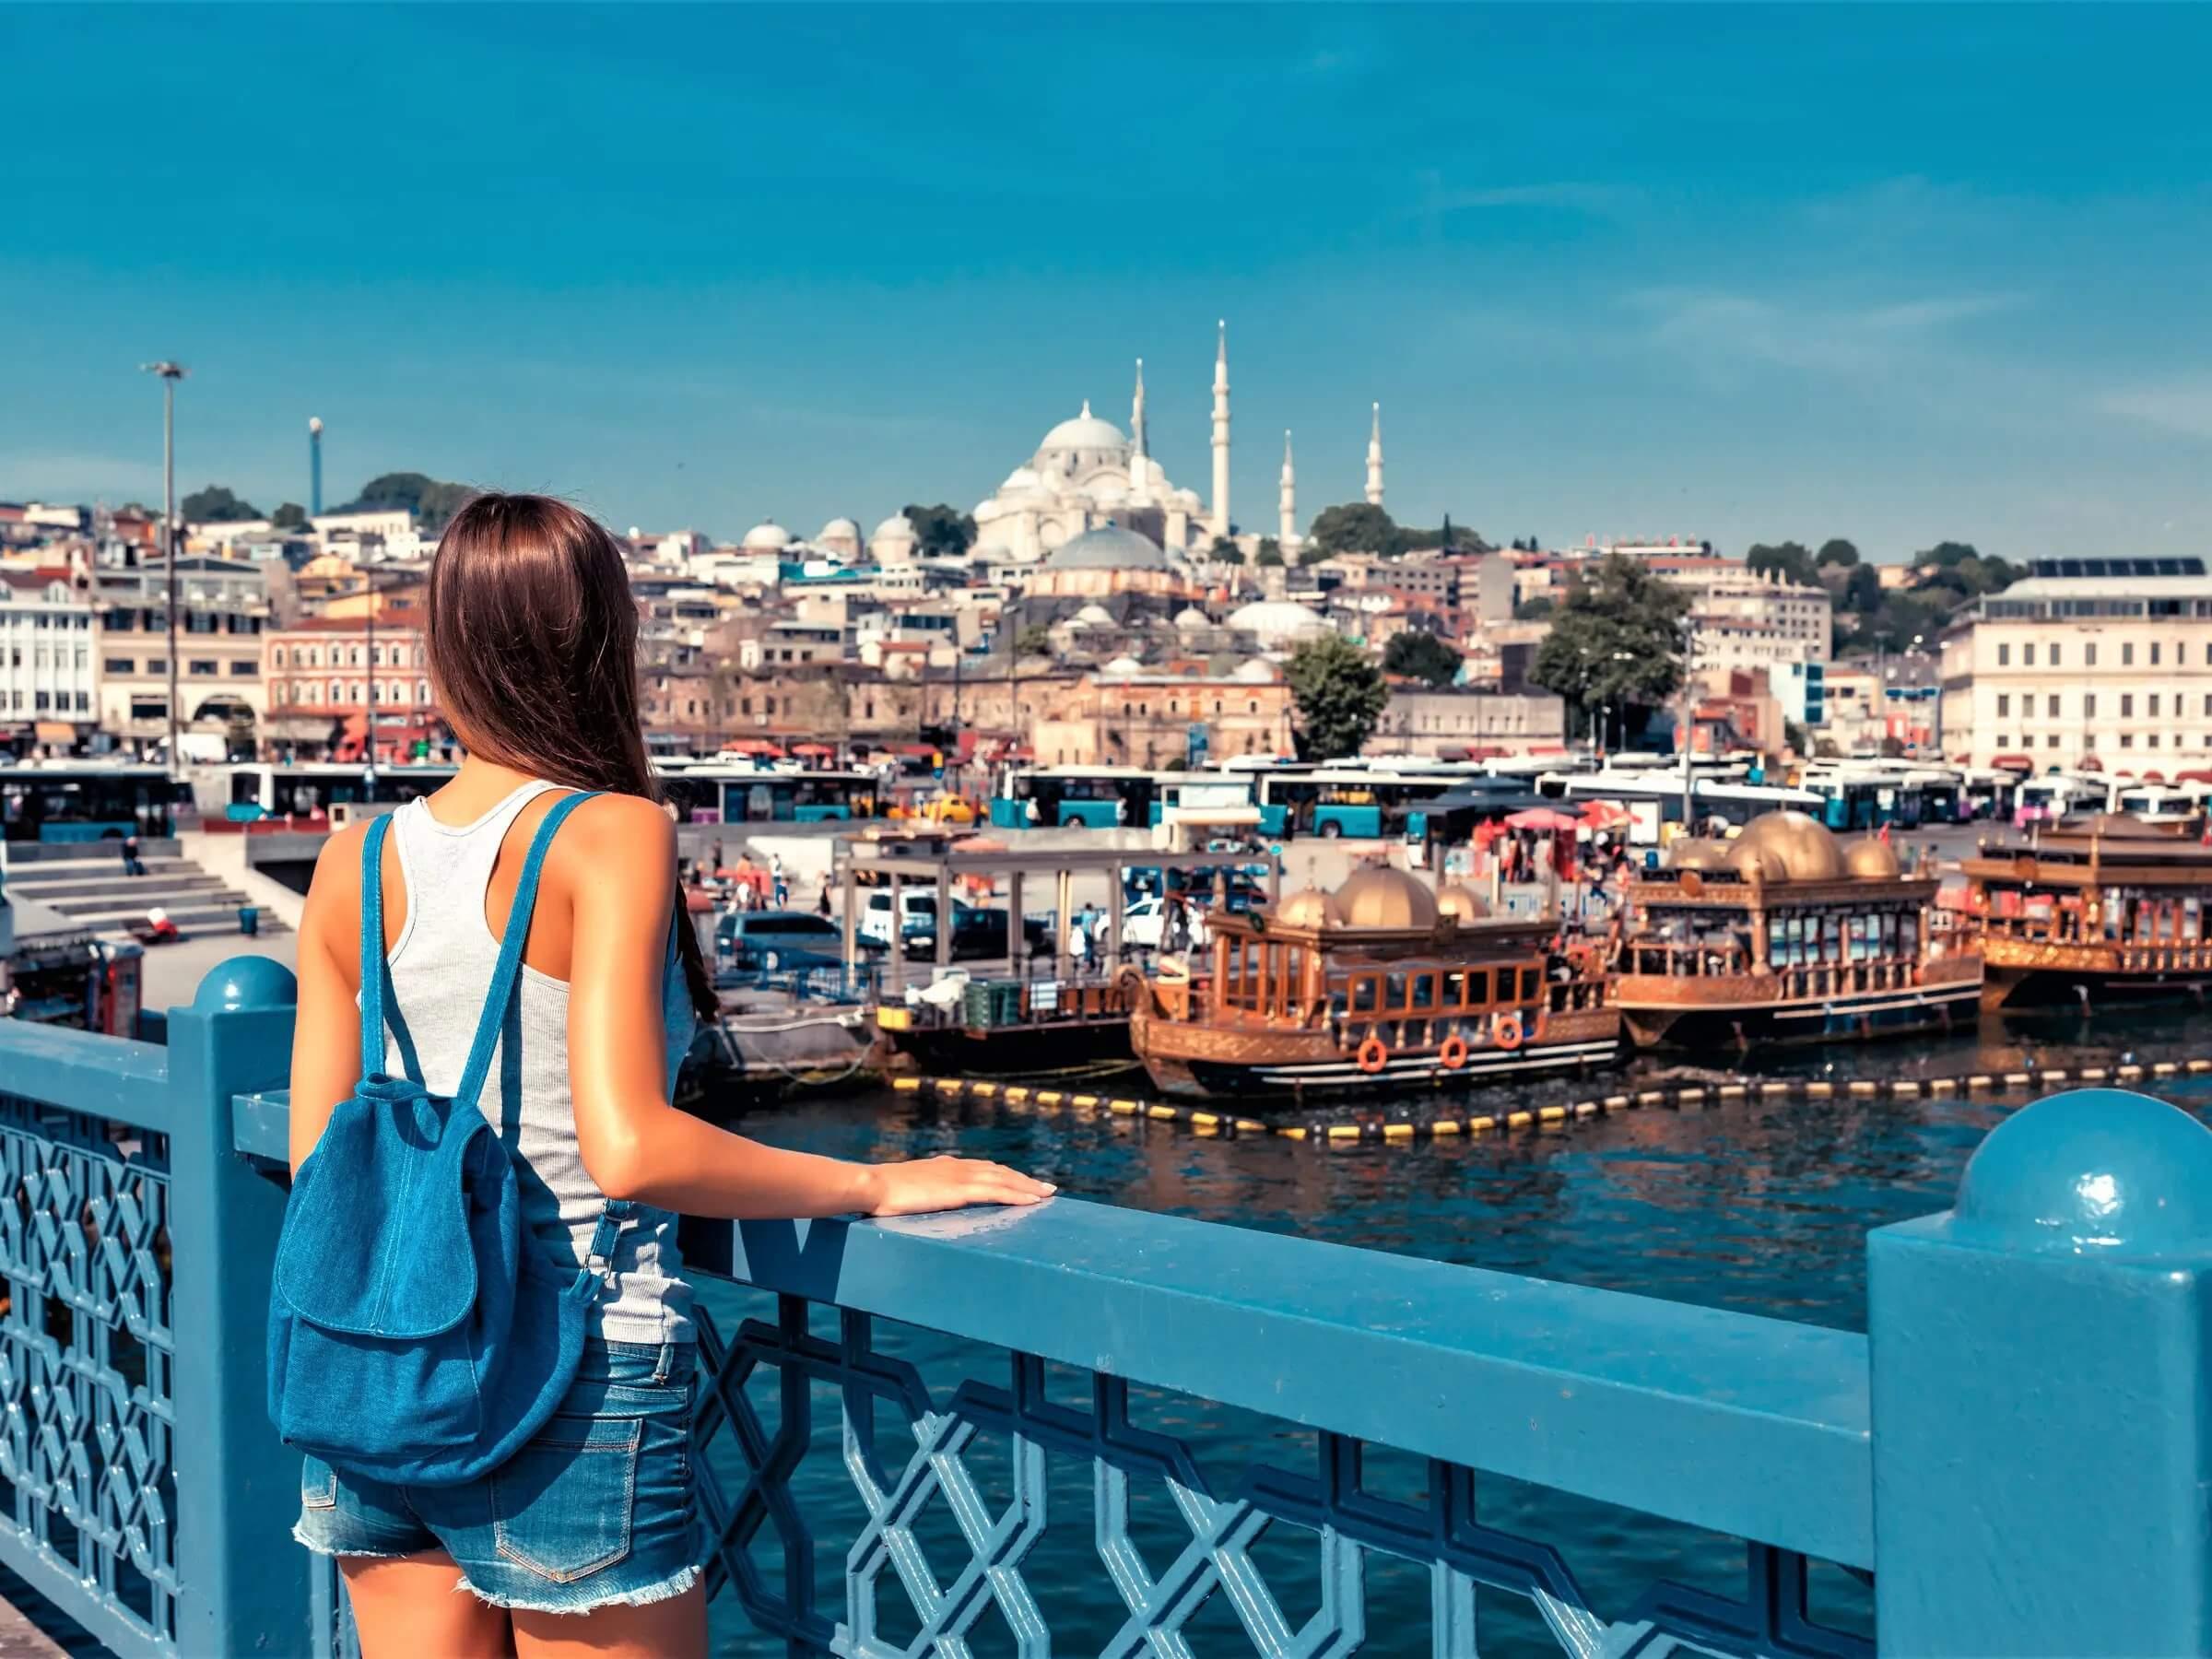 استانبول ترکیه از اولین و بهترین مقاصد آسیایی